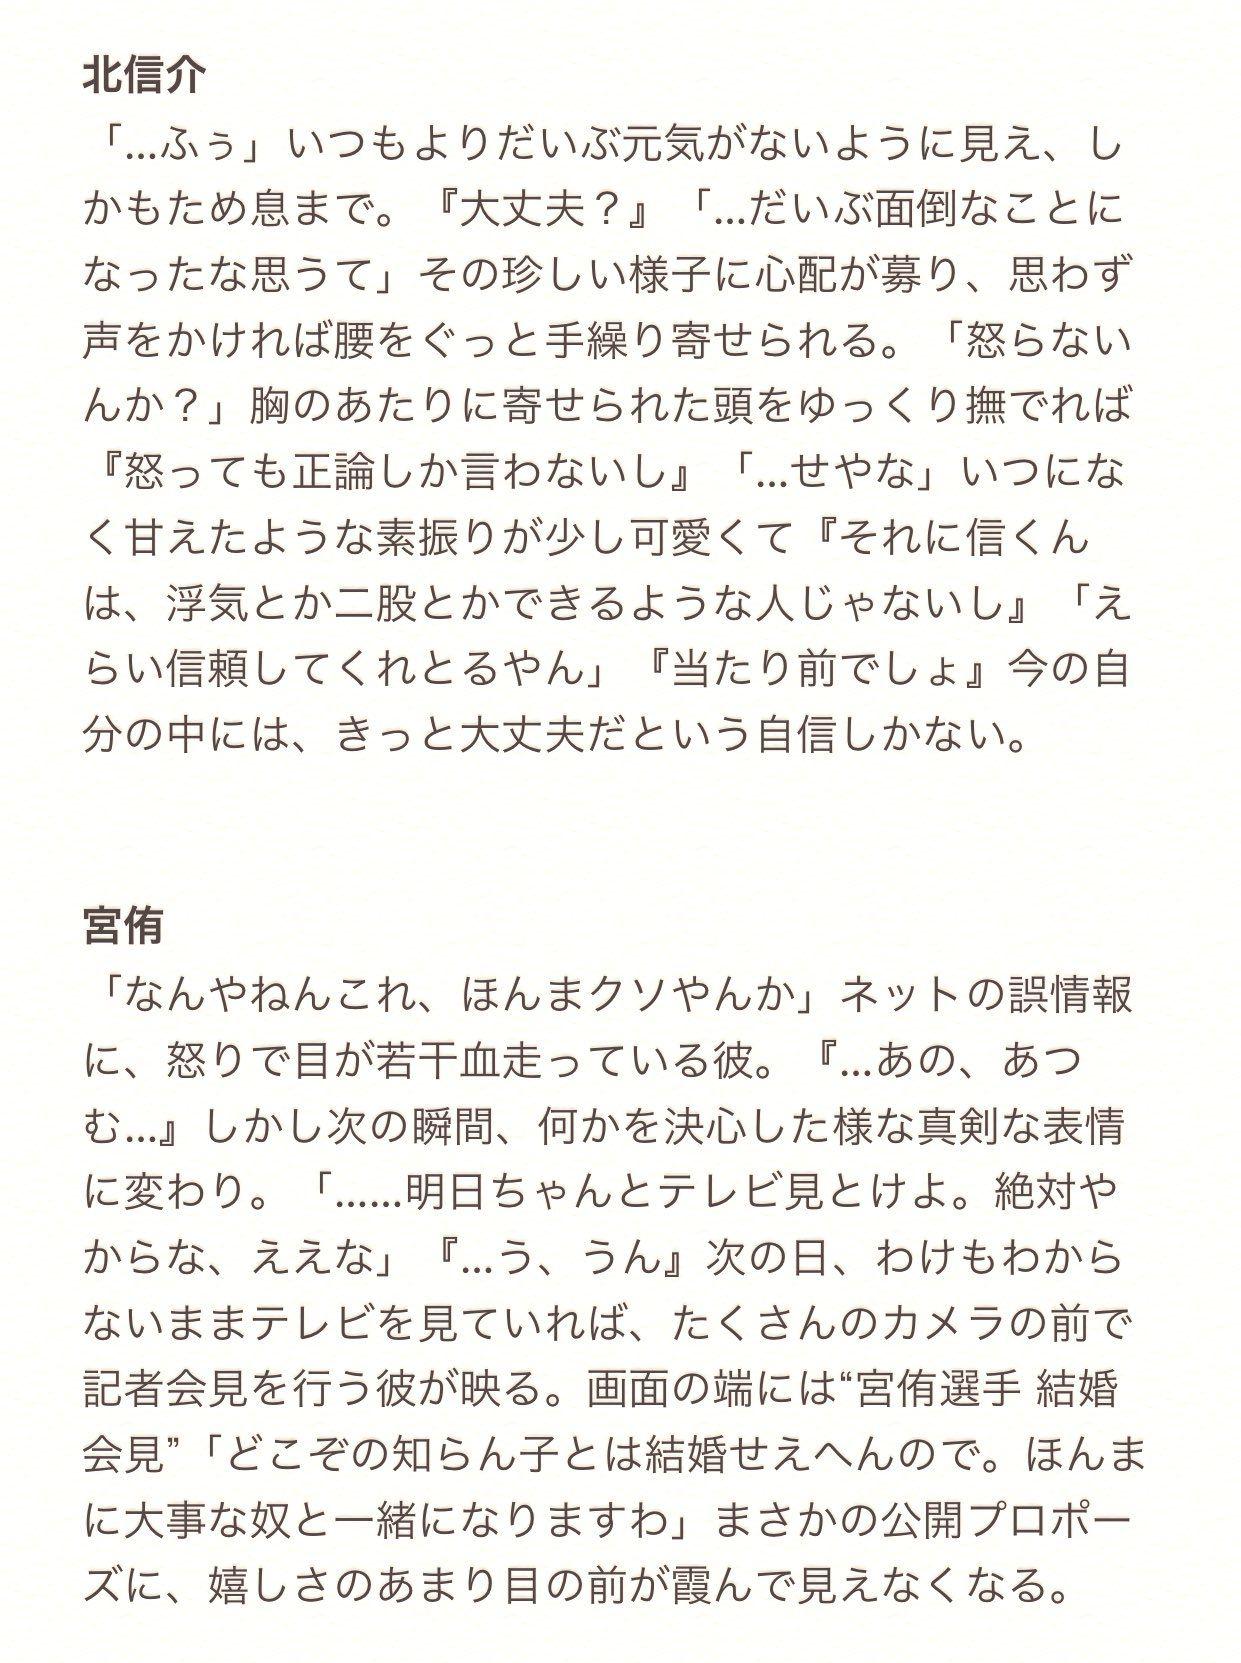 稲荷崎 ハイキュー 夢 小説